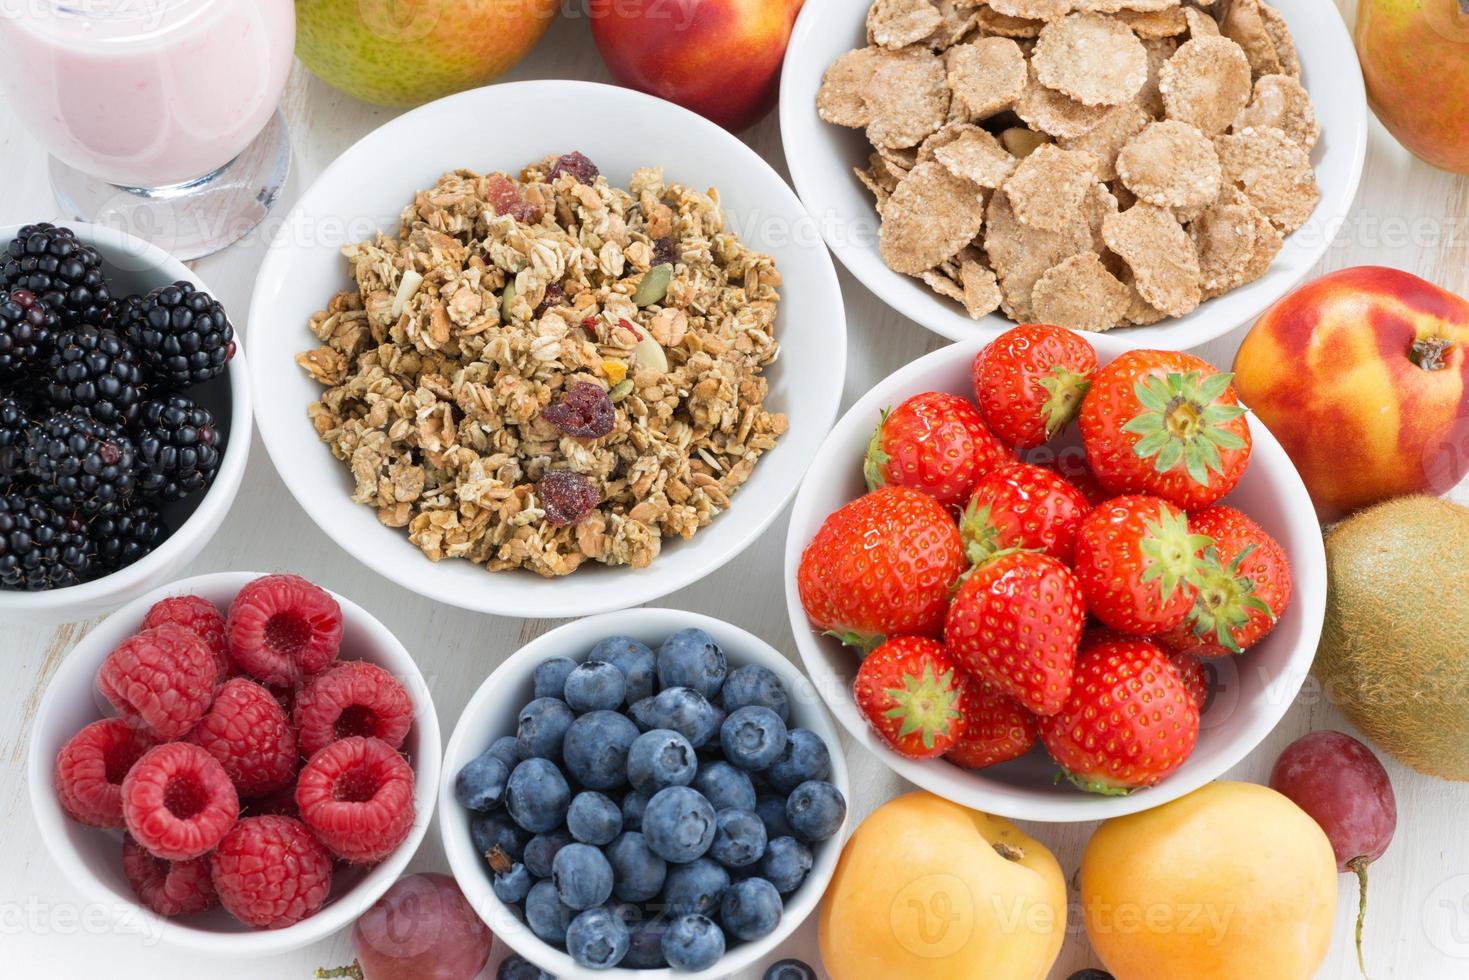 baies fraîches, fruits et muesli, vue de dessus photo